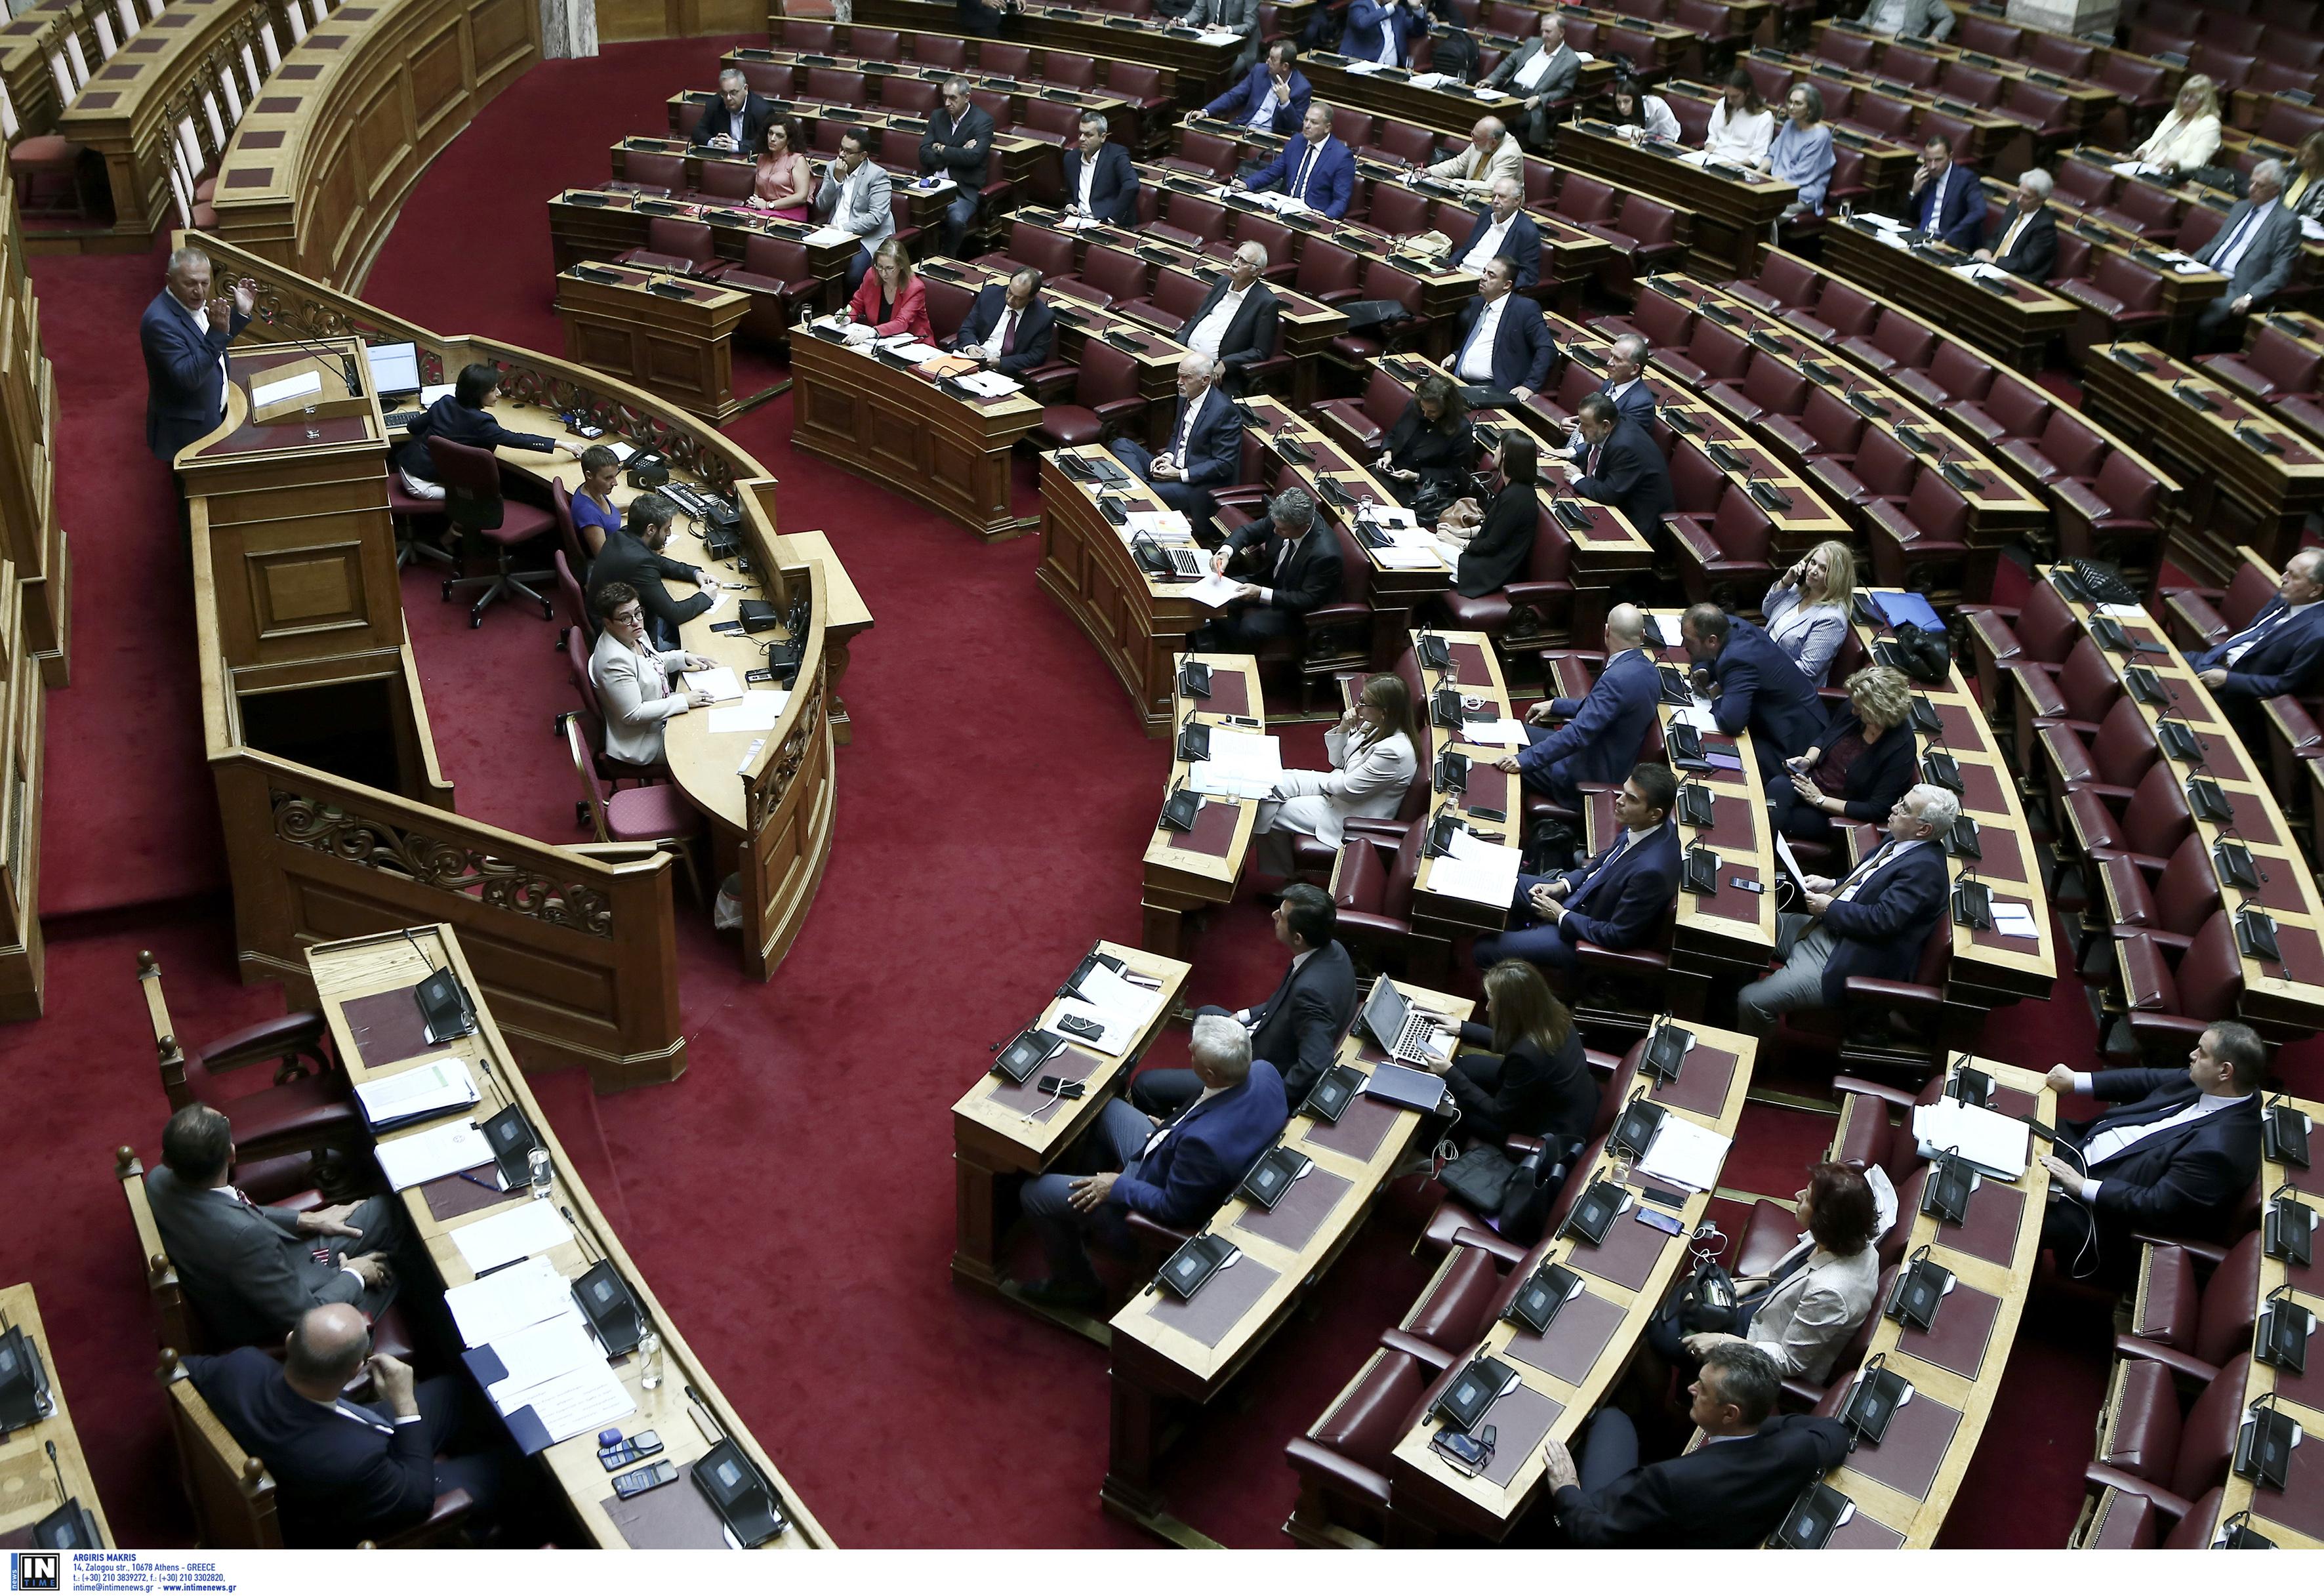 Κυβερνητικές πηγές: Το νομοσχέδιο διασφαλίζει τα προσωπικά δεδομένα των πολιτών